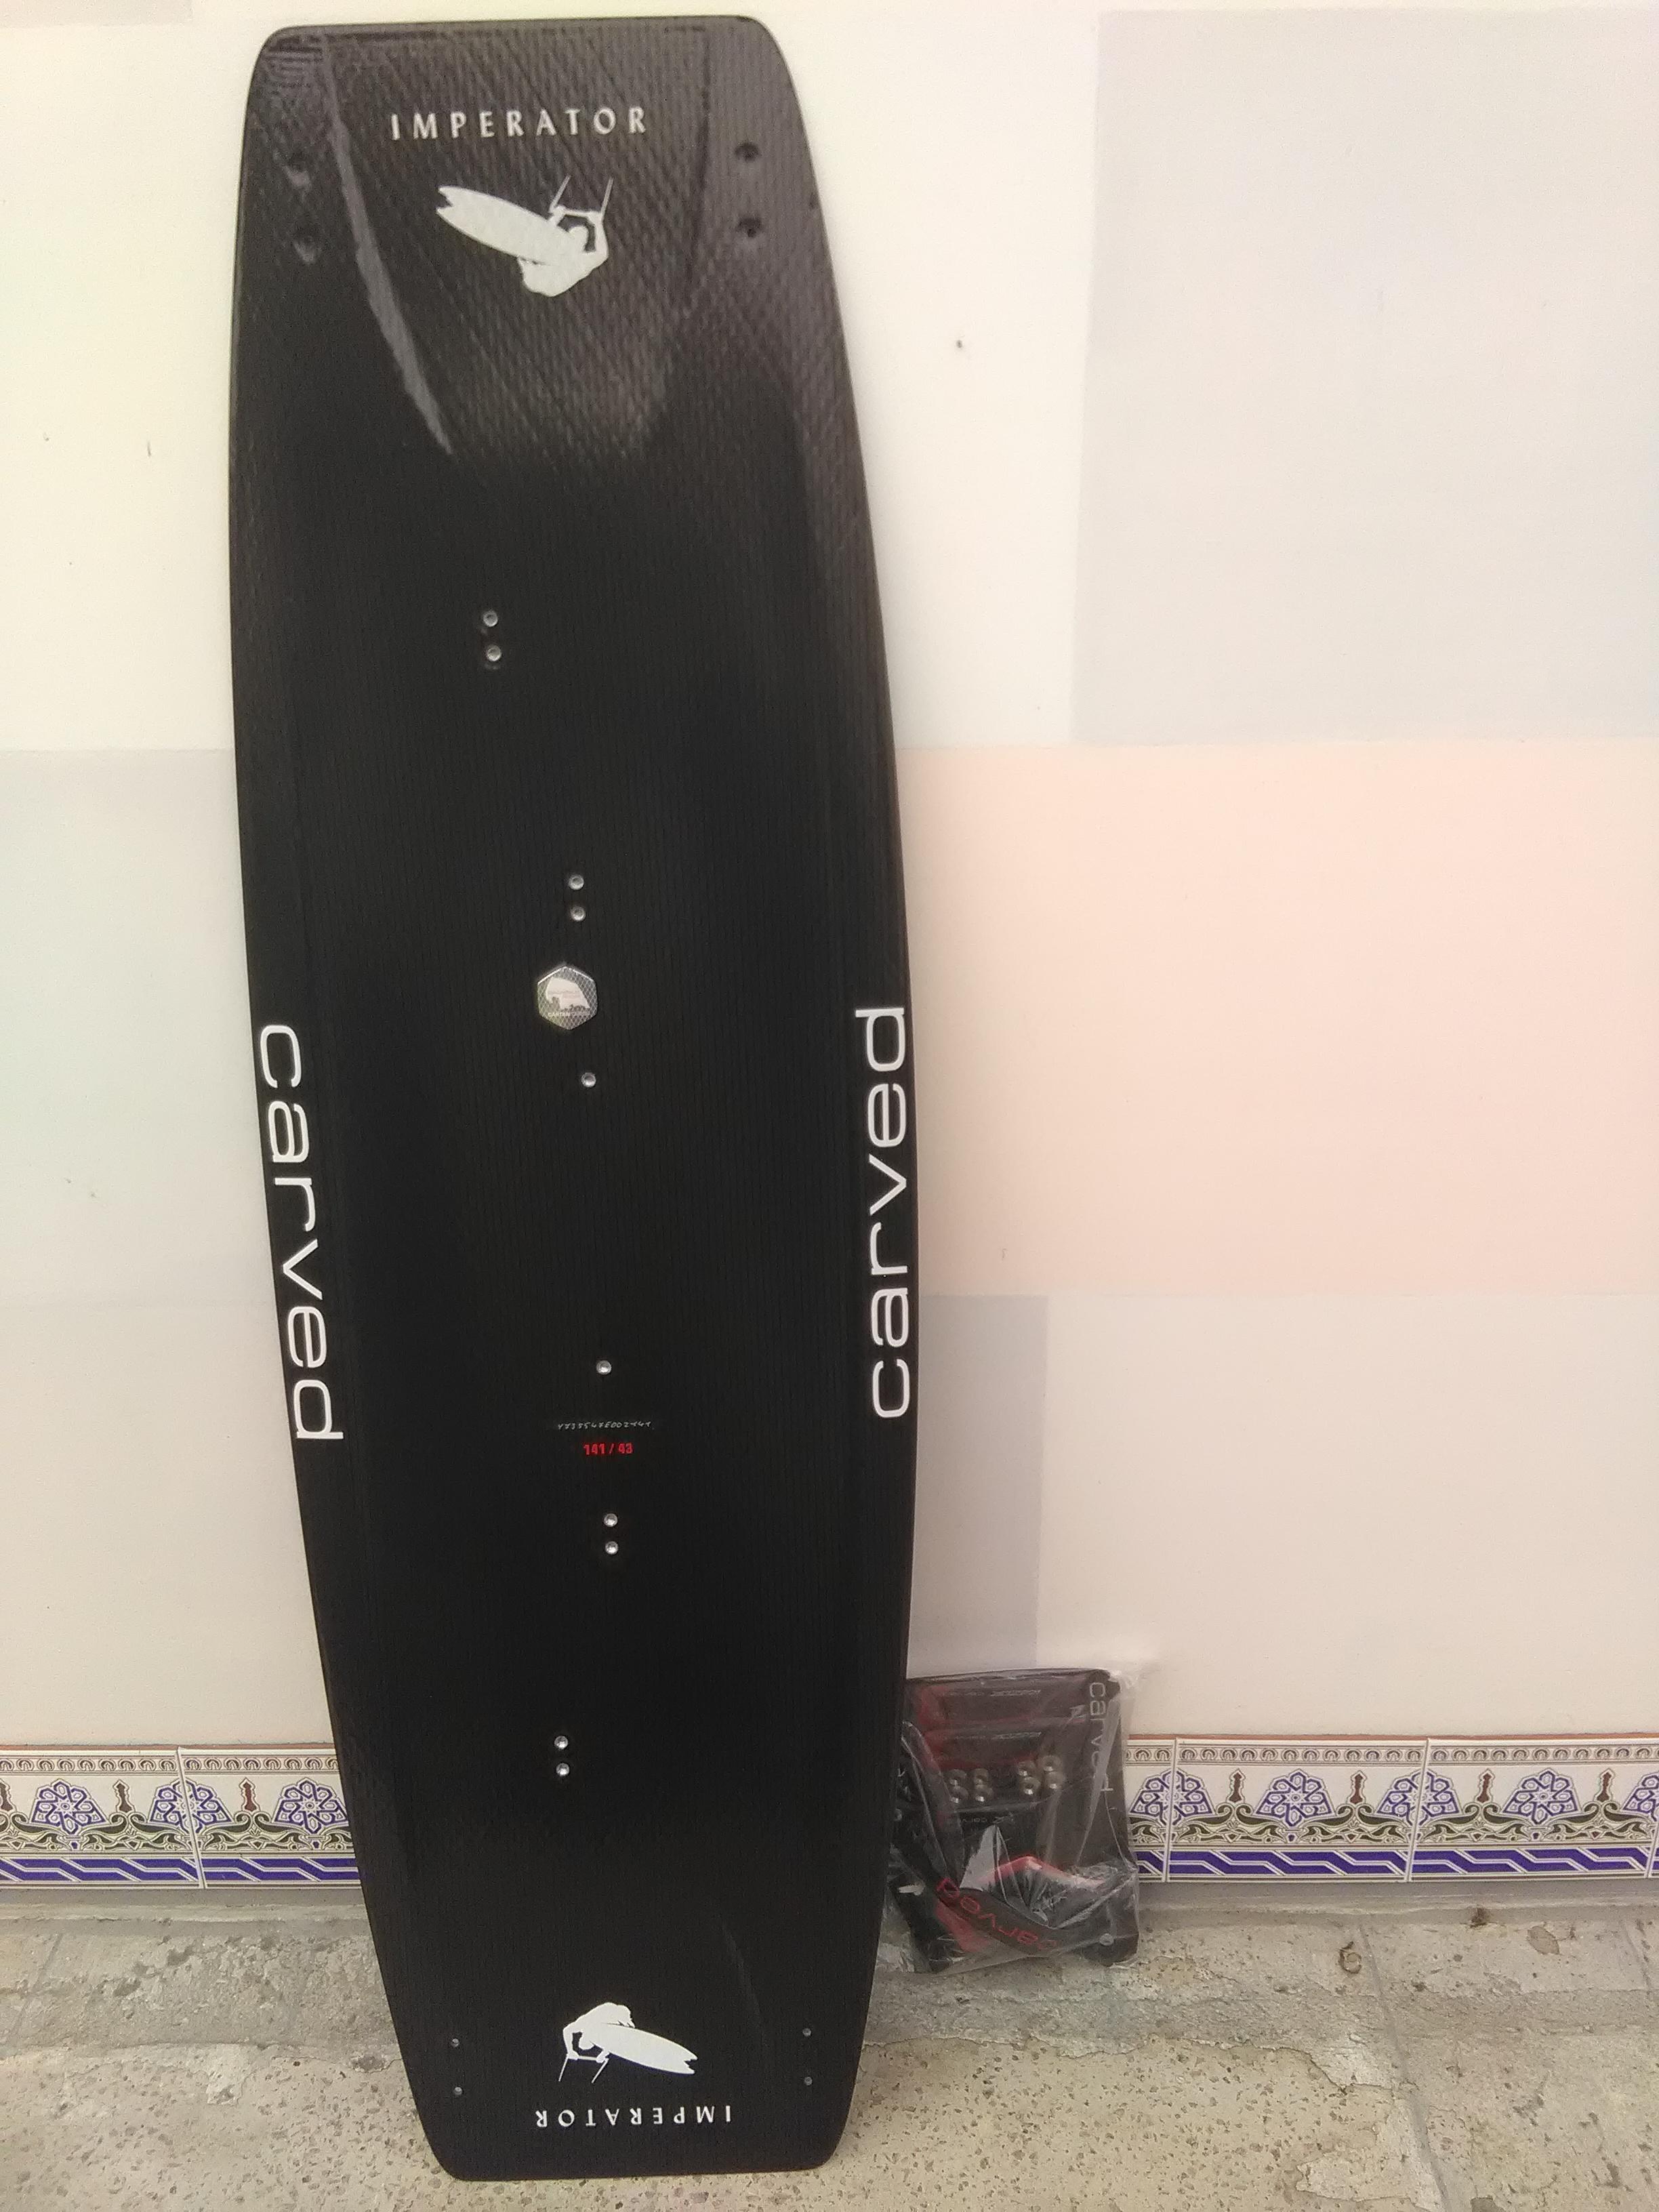 Carved Imperator kite board